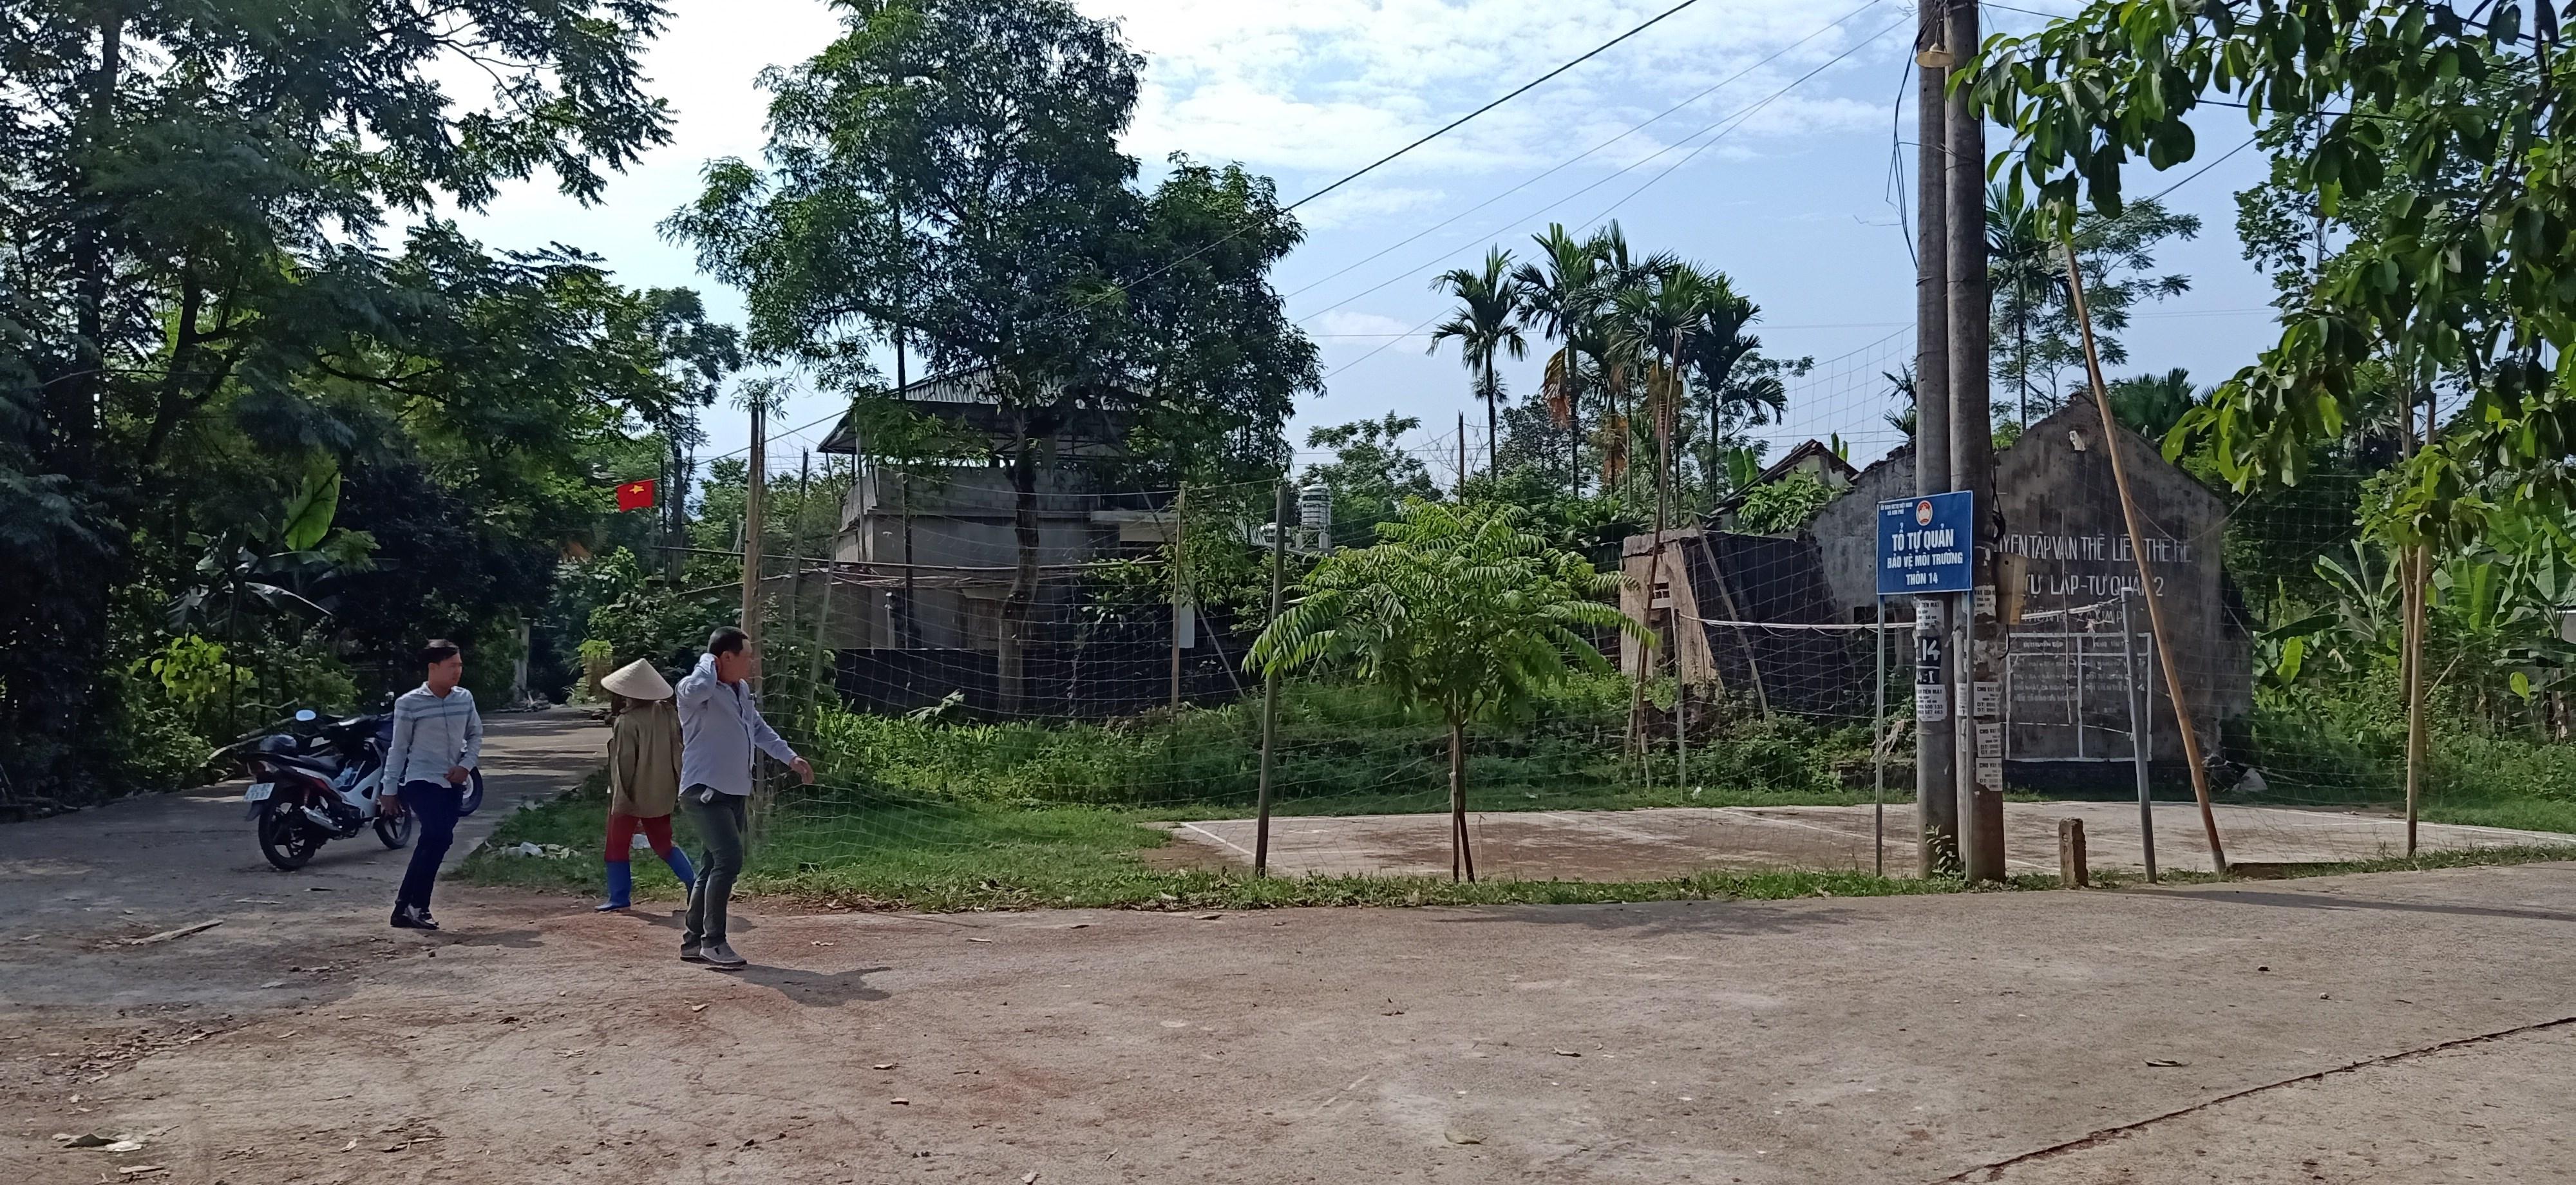 Bán đất Phố 37, Xã Phú Lâm, Huyện Yên Sơn